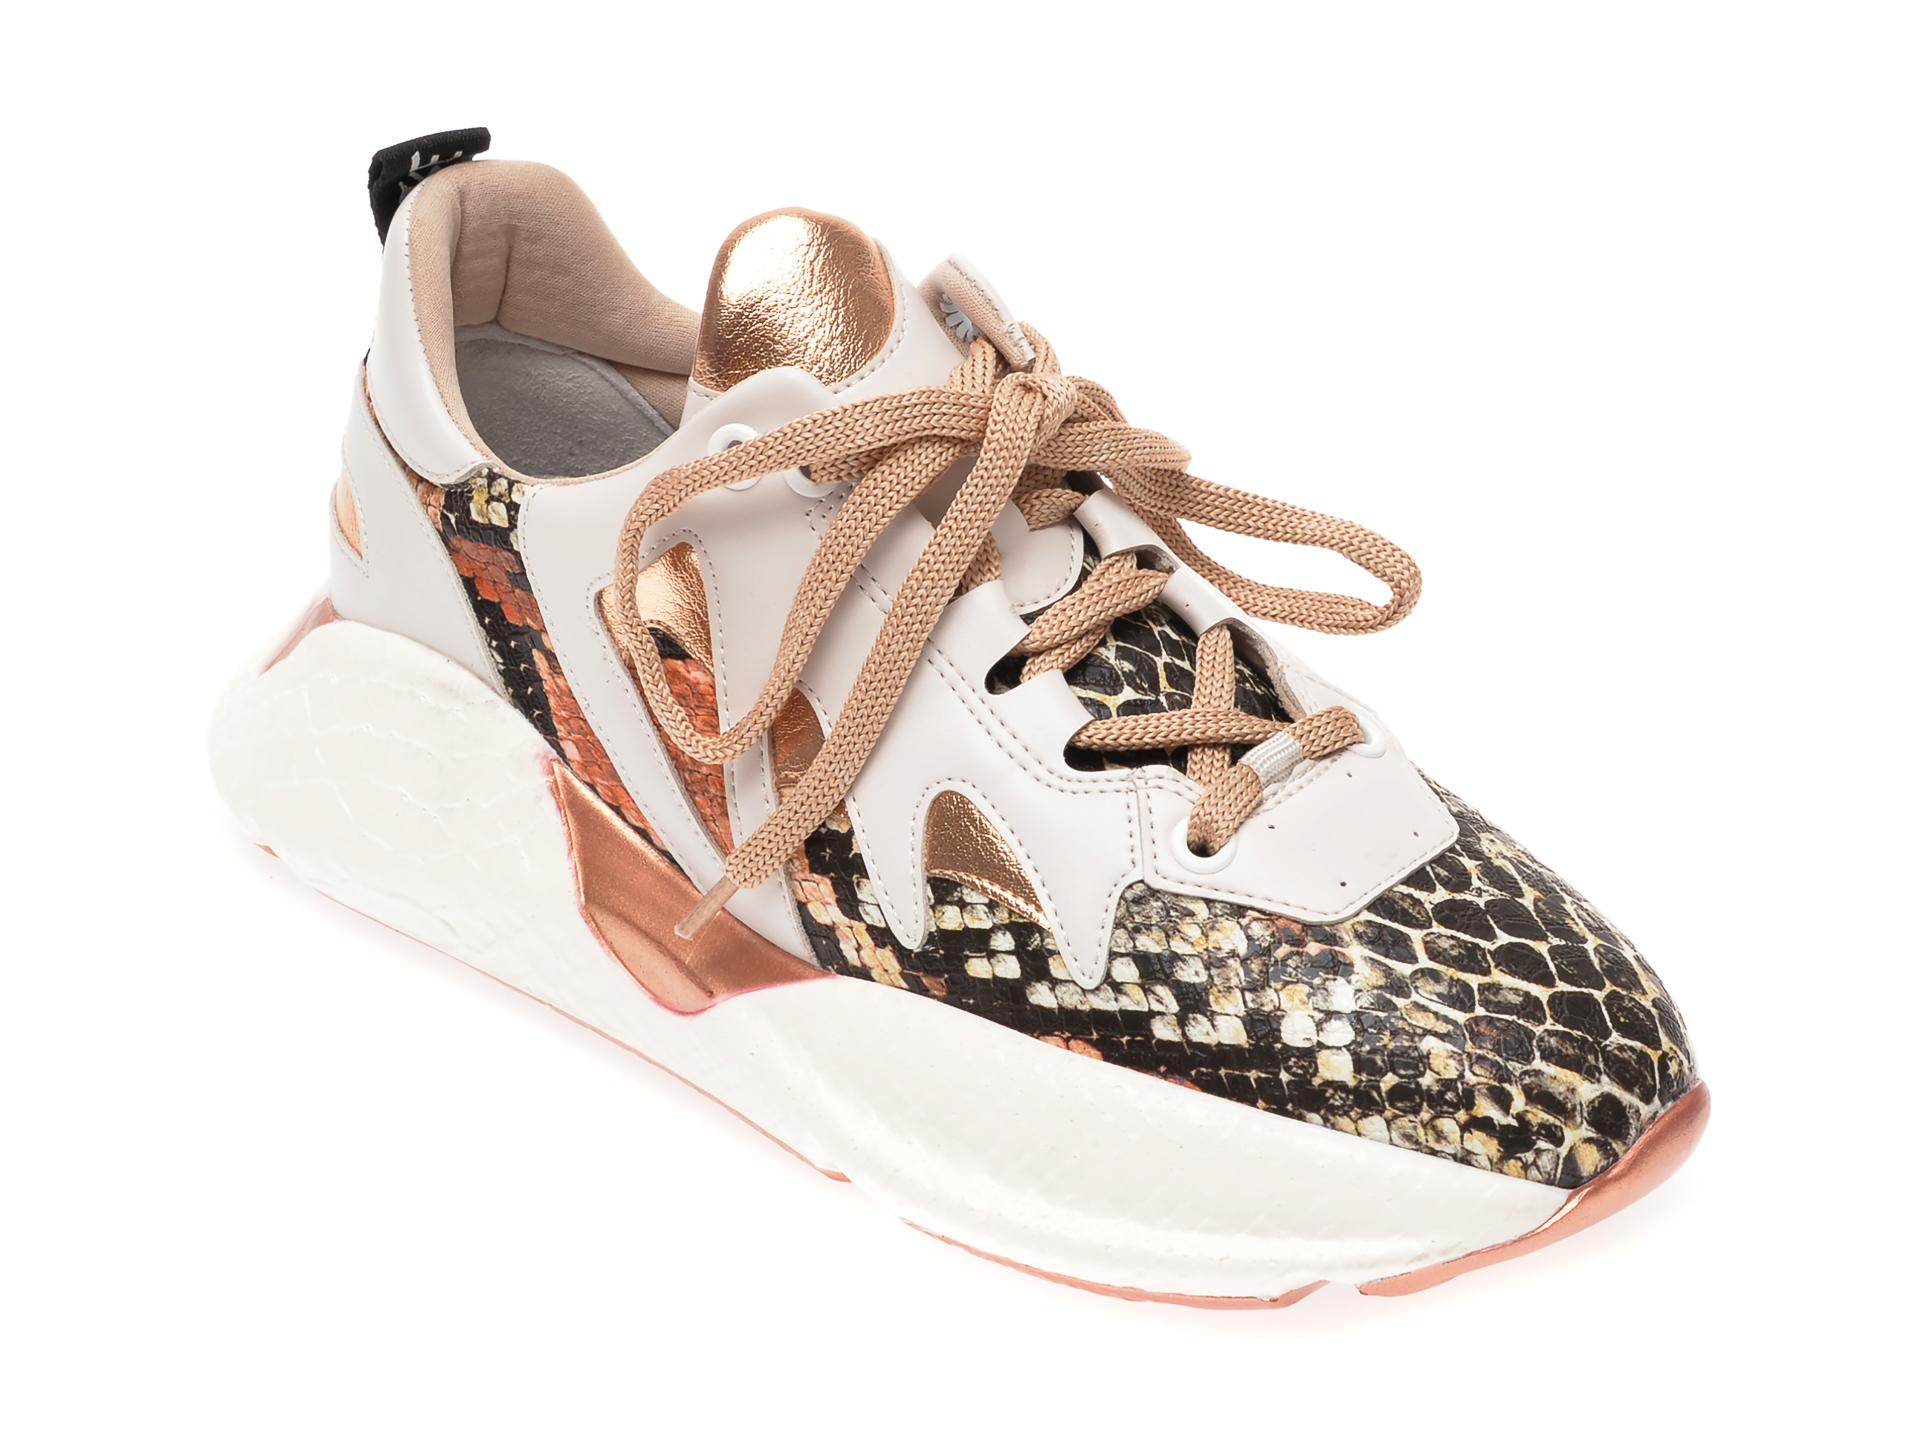 Pantofi sport GRYXX multicolor, COBRA1, din piele ecologica imagine